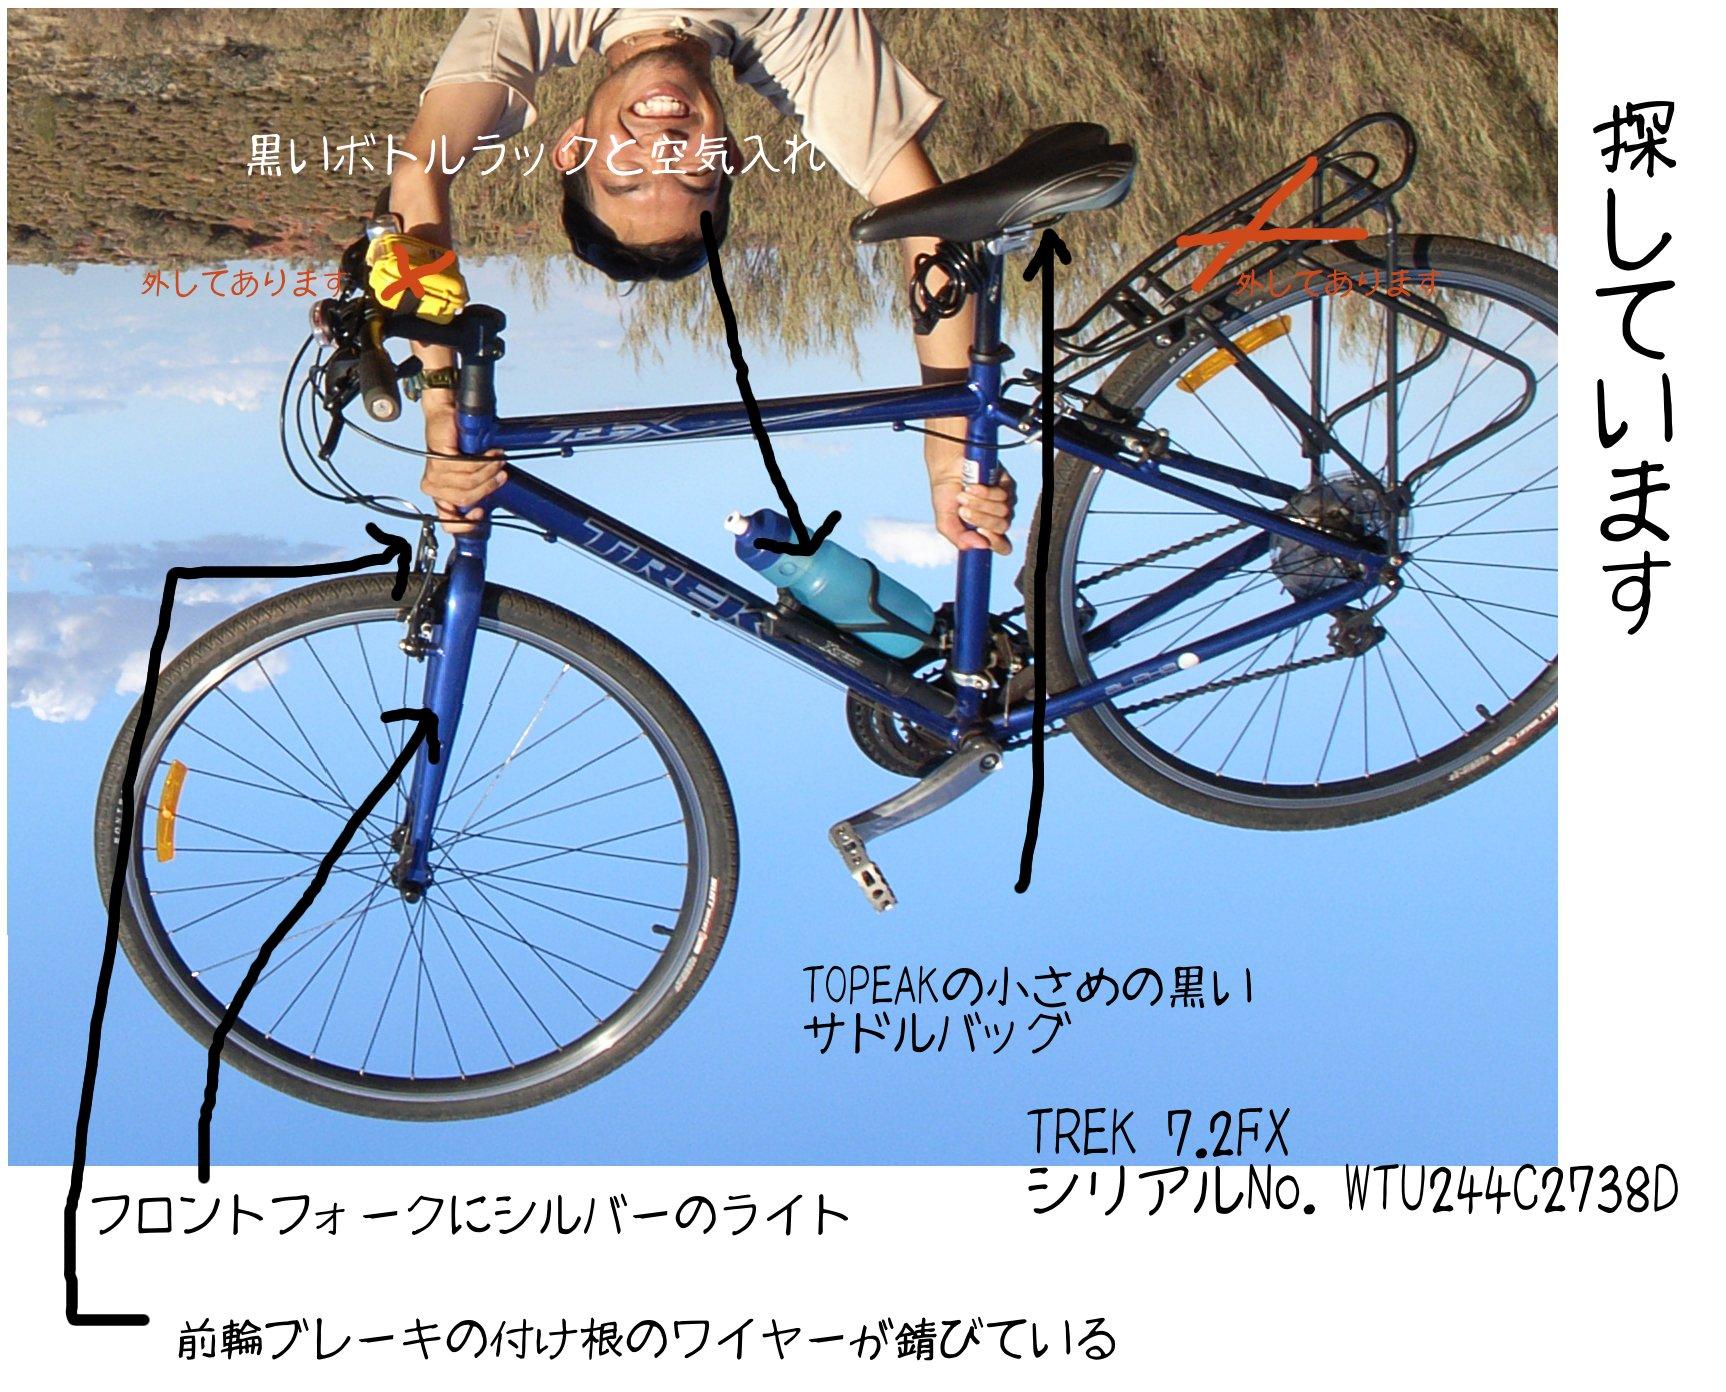 あ、あんなに大事にしていた彼女(自転車ね)を盗まれるなんて…